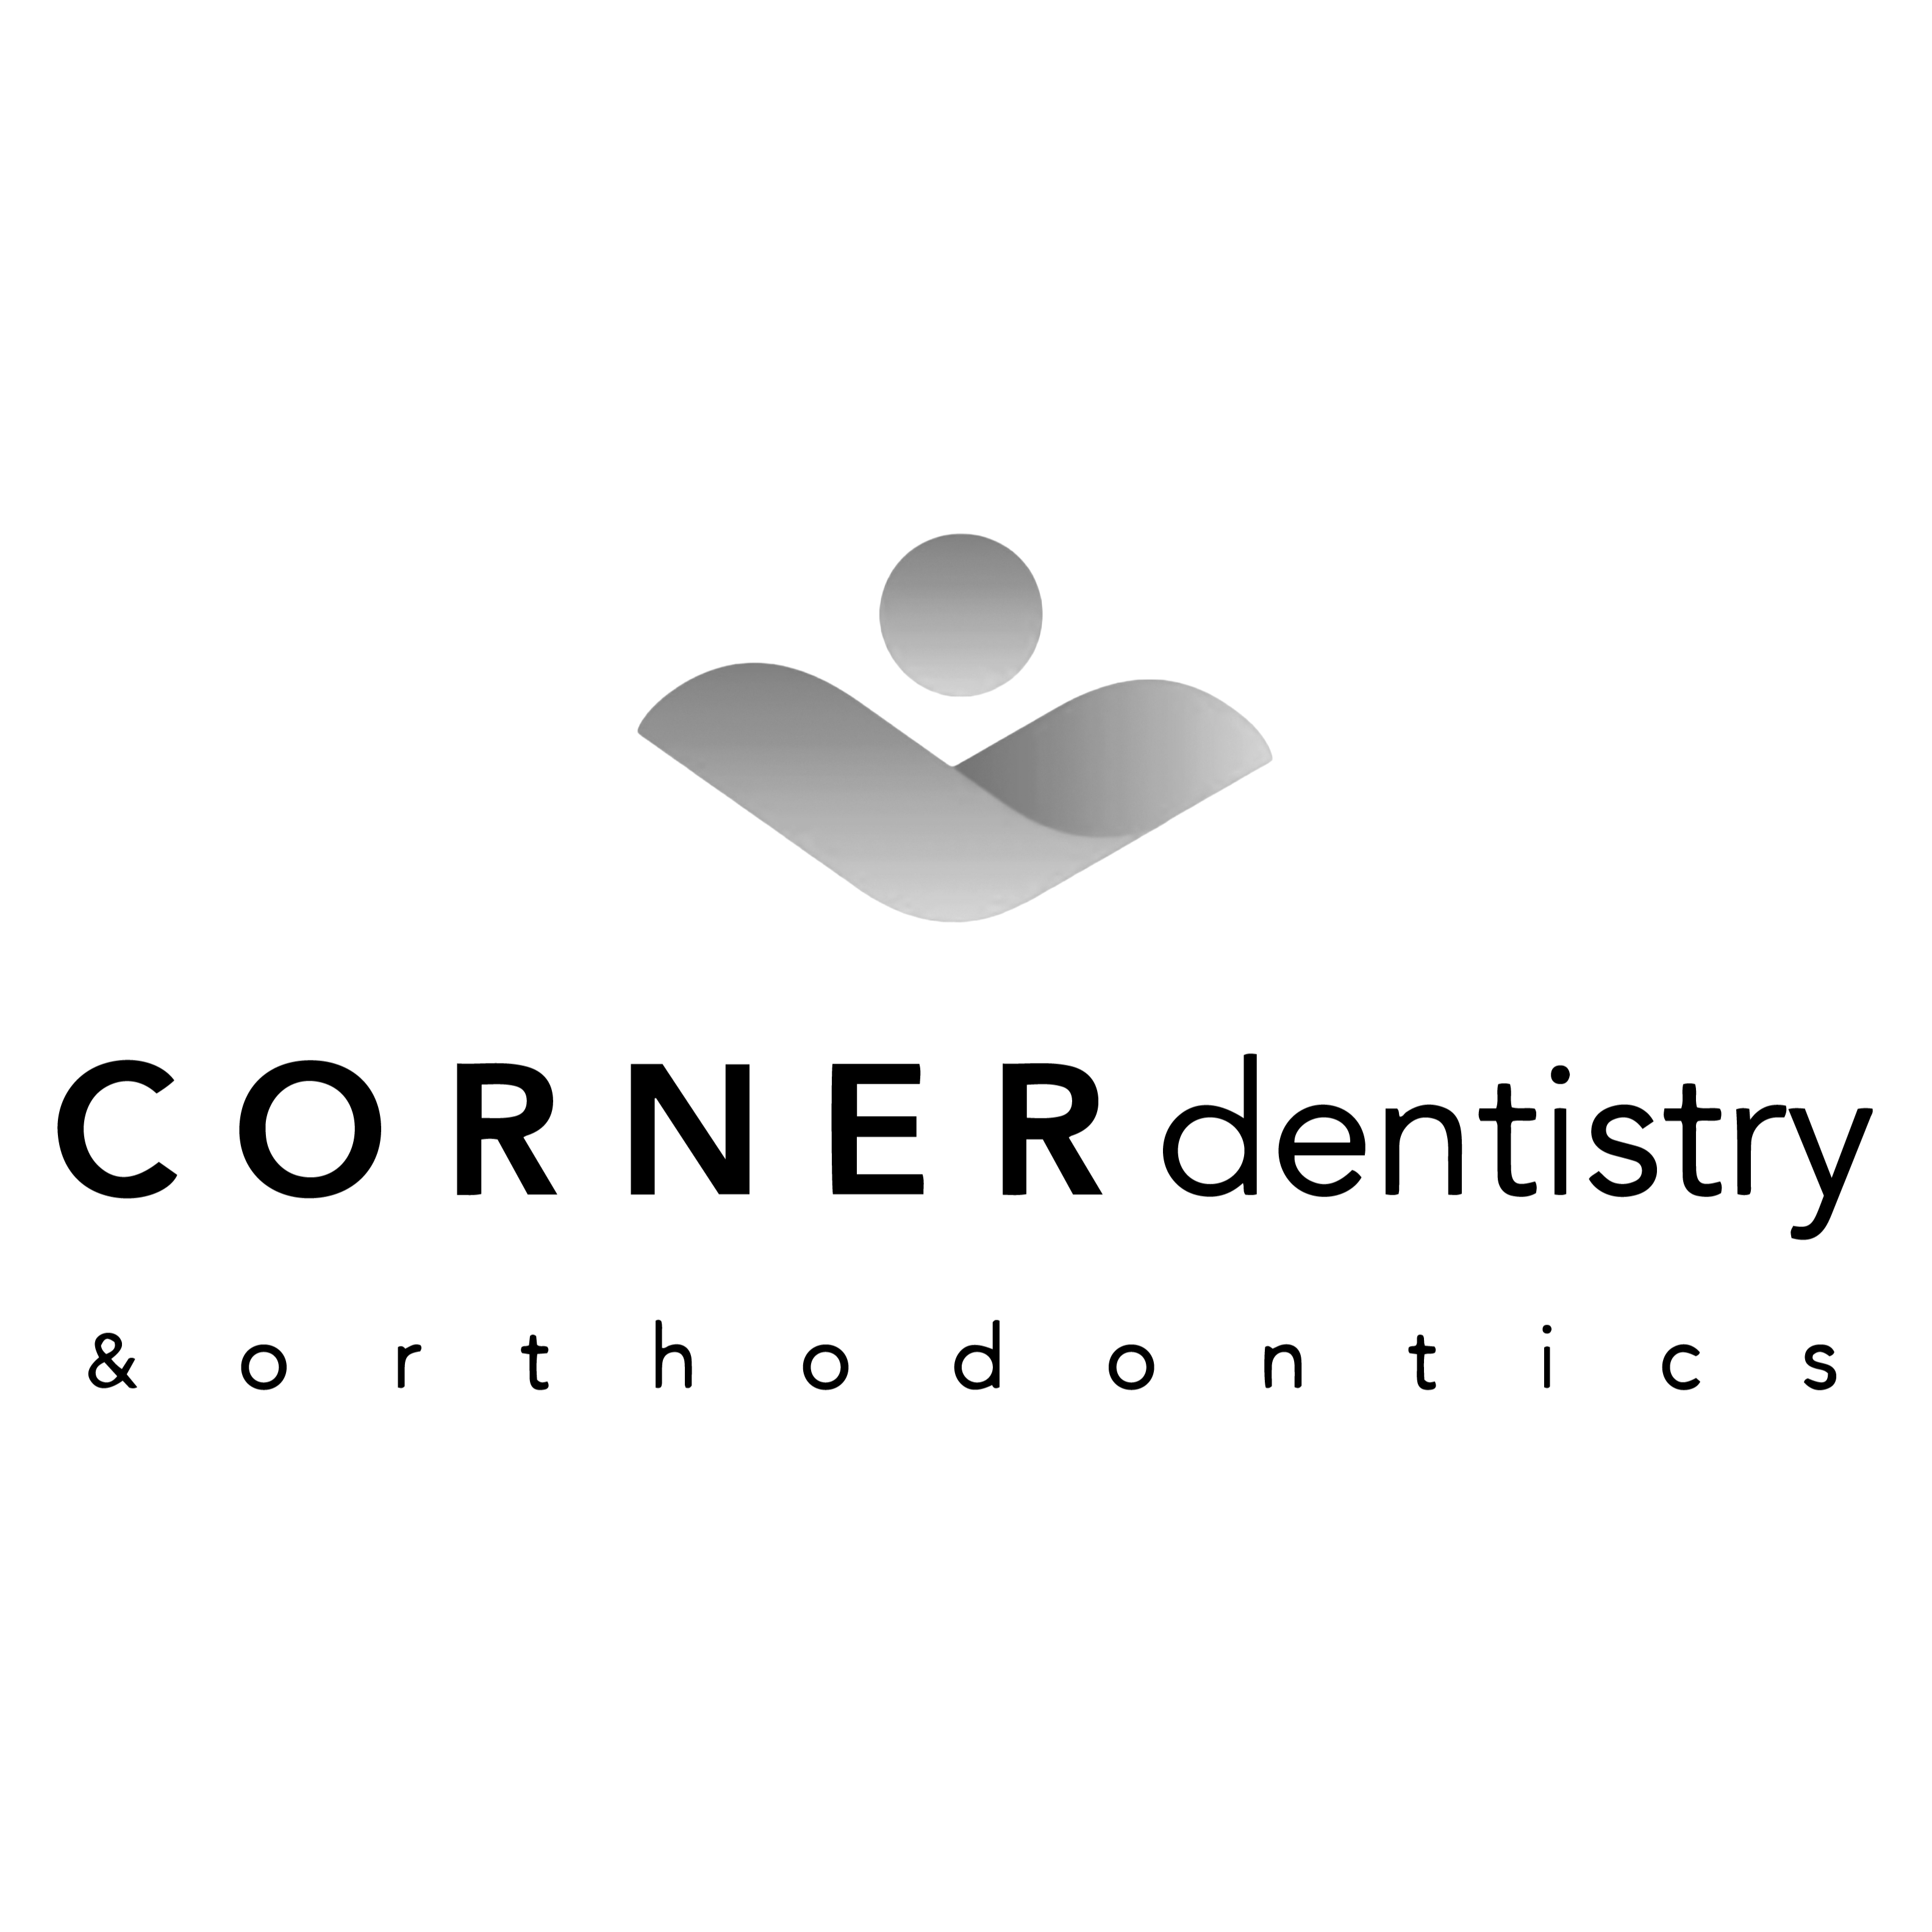 Cornerstone Dental Care & Orthodontics